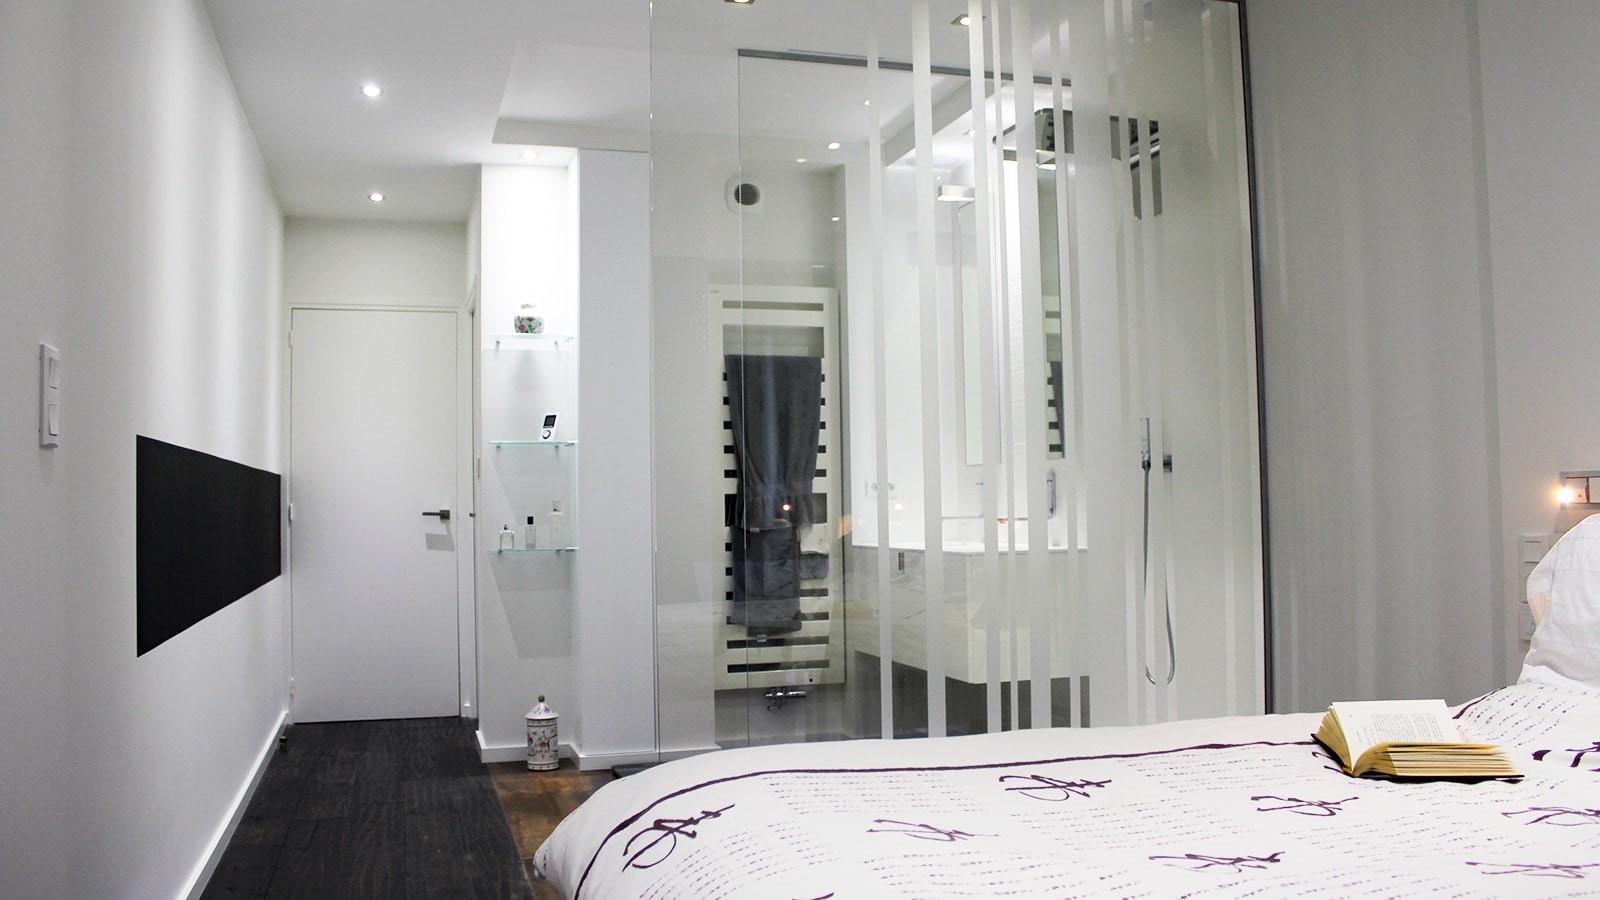 Chambre Et Cuisine Cholet Efi Design (2)